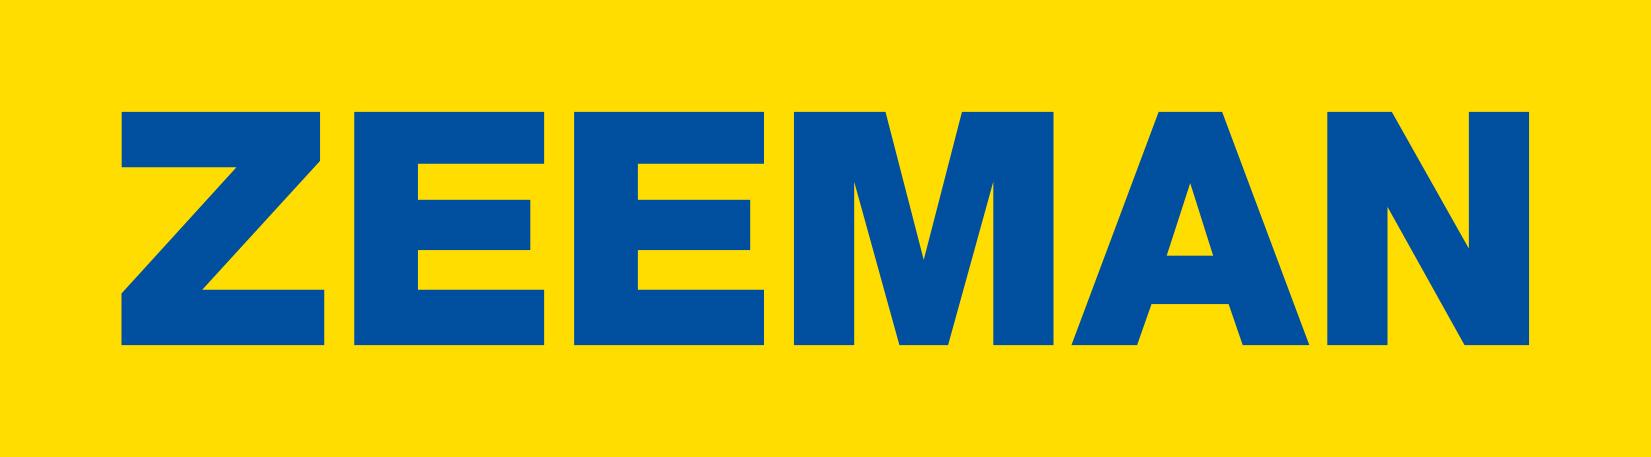 Zeeman logo high res